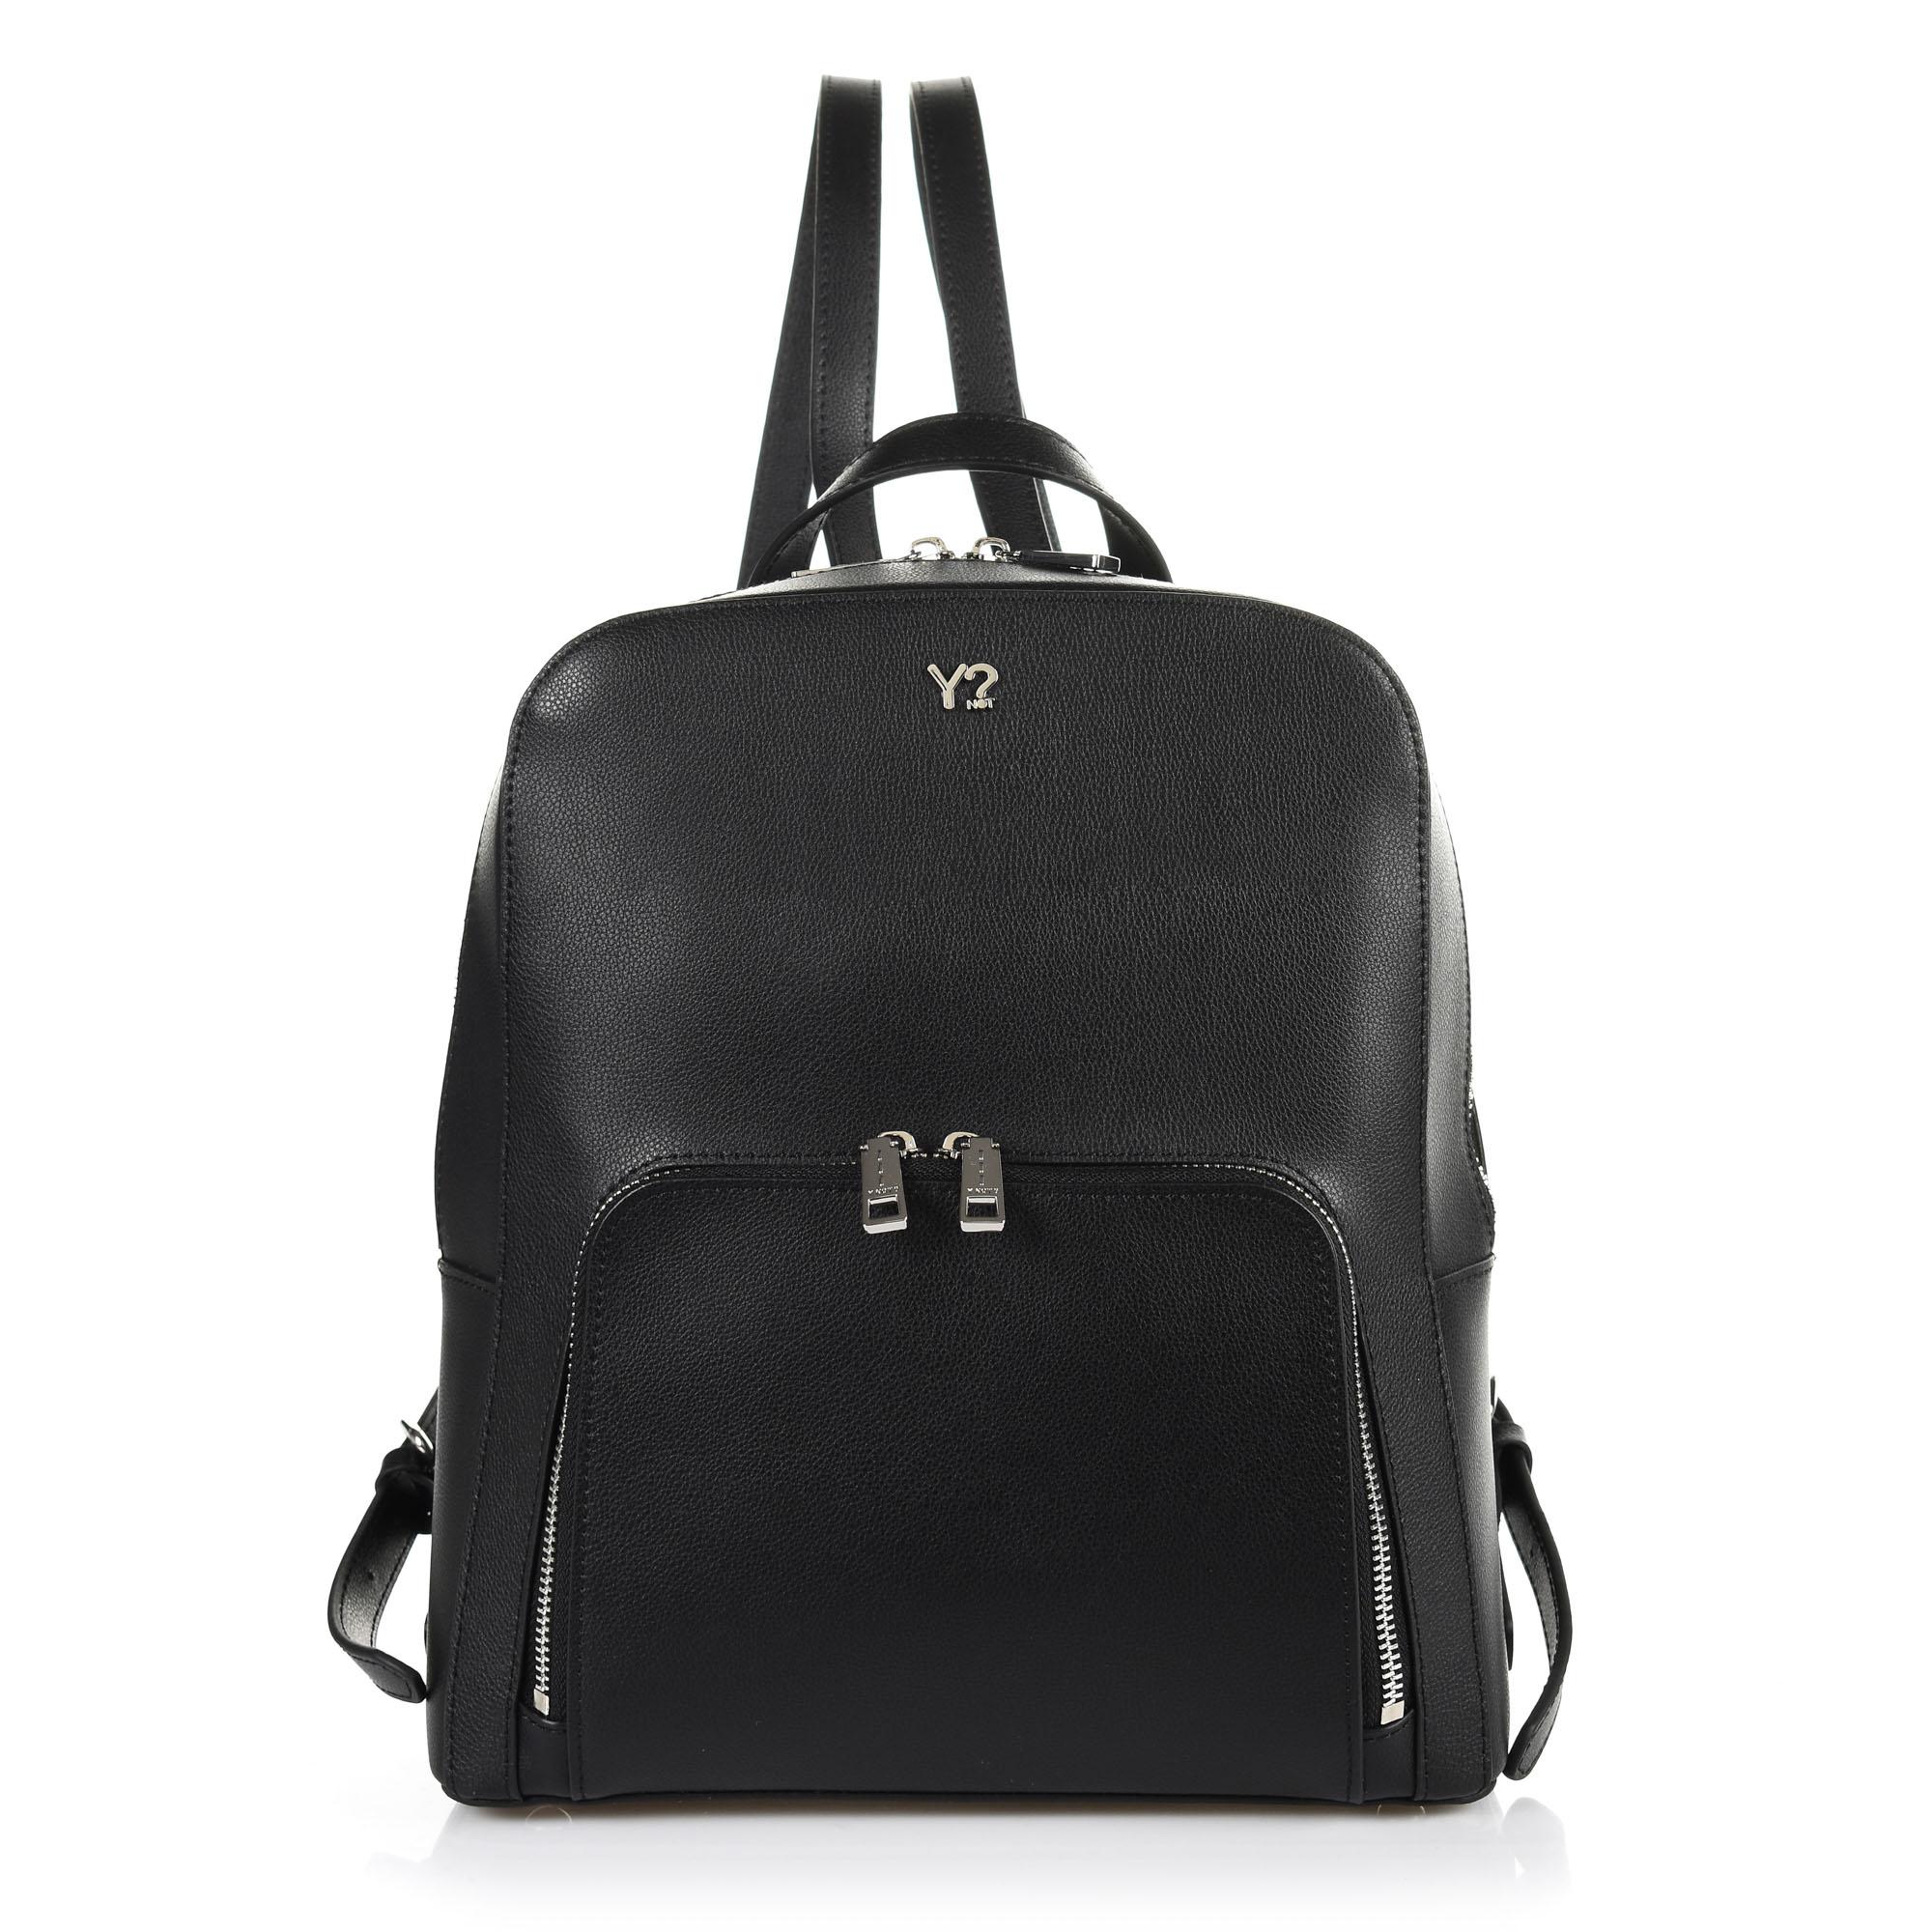 Δερμάτινο Σακίδιο Πλάτης Y Not? ART.CAR12 γυναικα   γυναικεία τσάντα